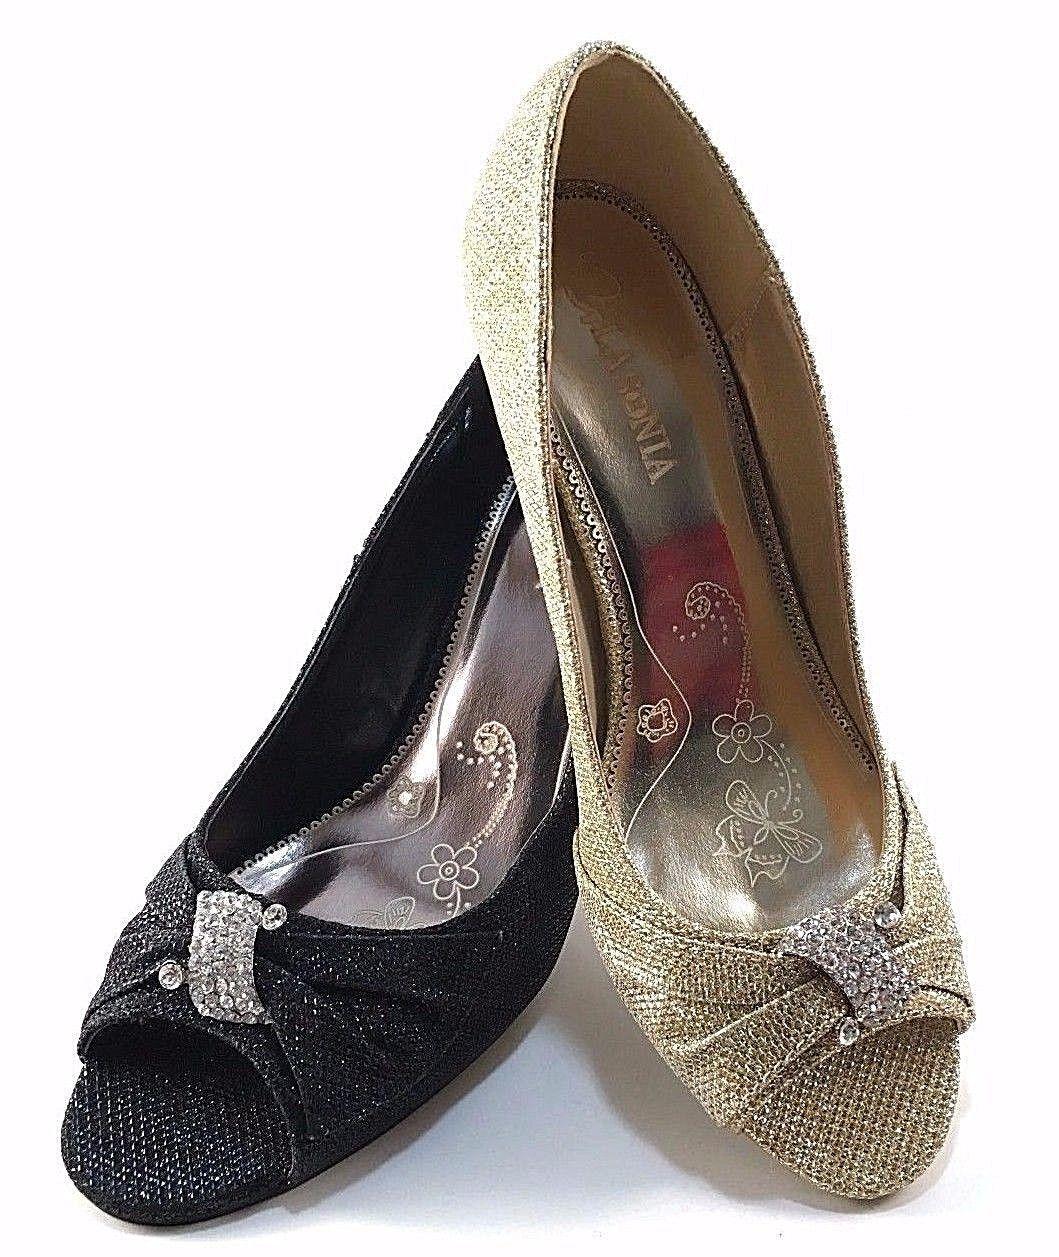 gold glitter mid heels